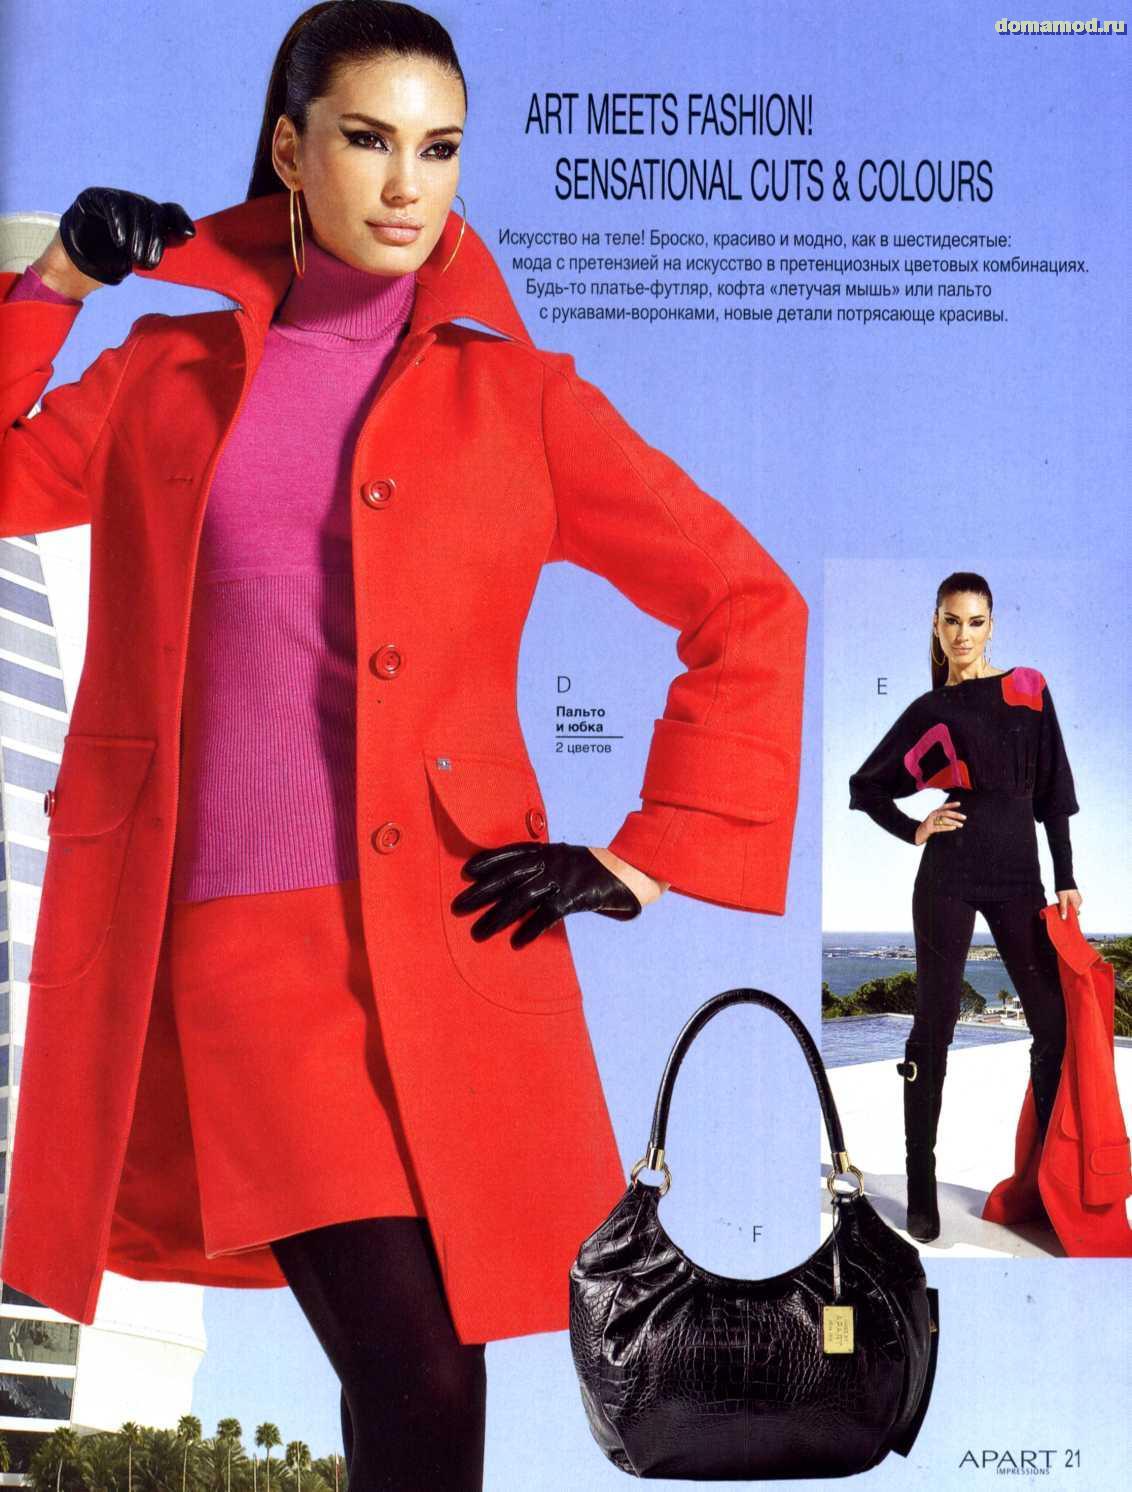 Стильная Одежда И Аксессуары Интернет Магазин